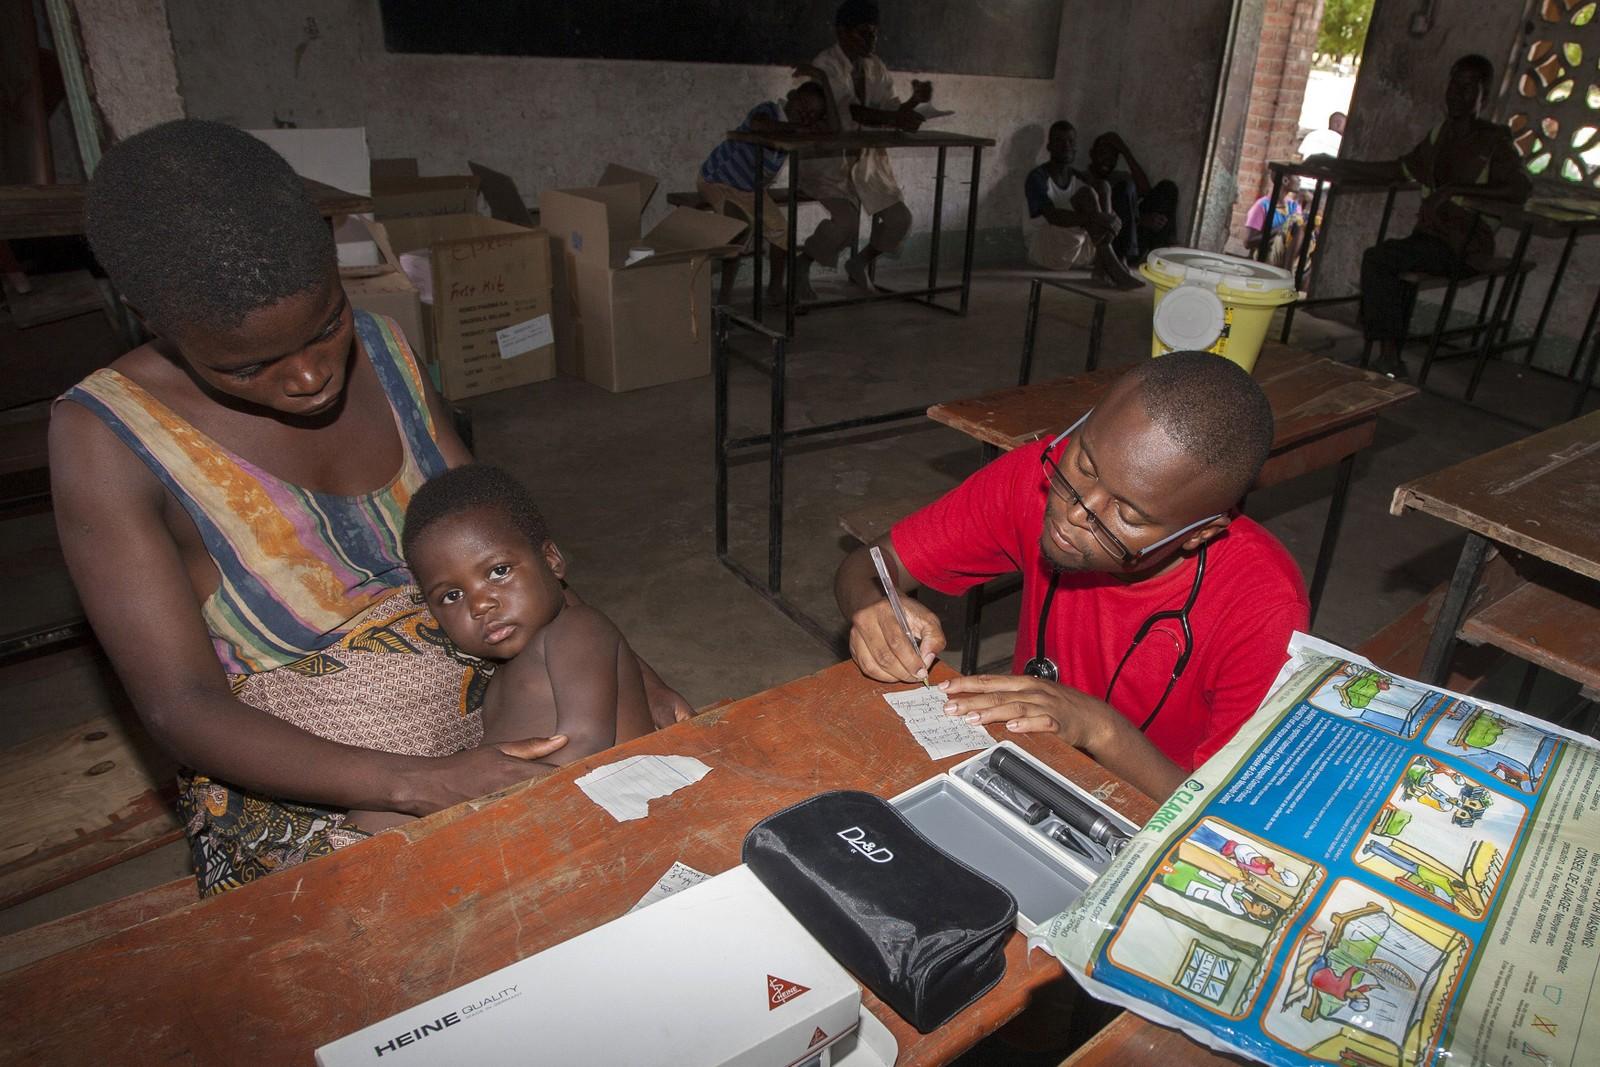 En mor og hennes barn registreres ved et provisorisk tilfluktssted.